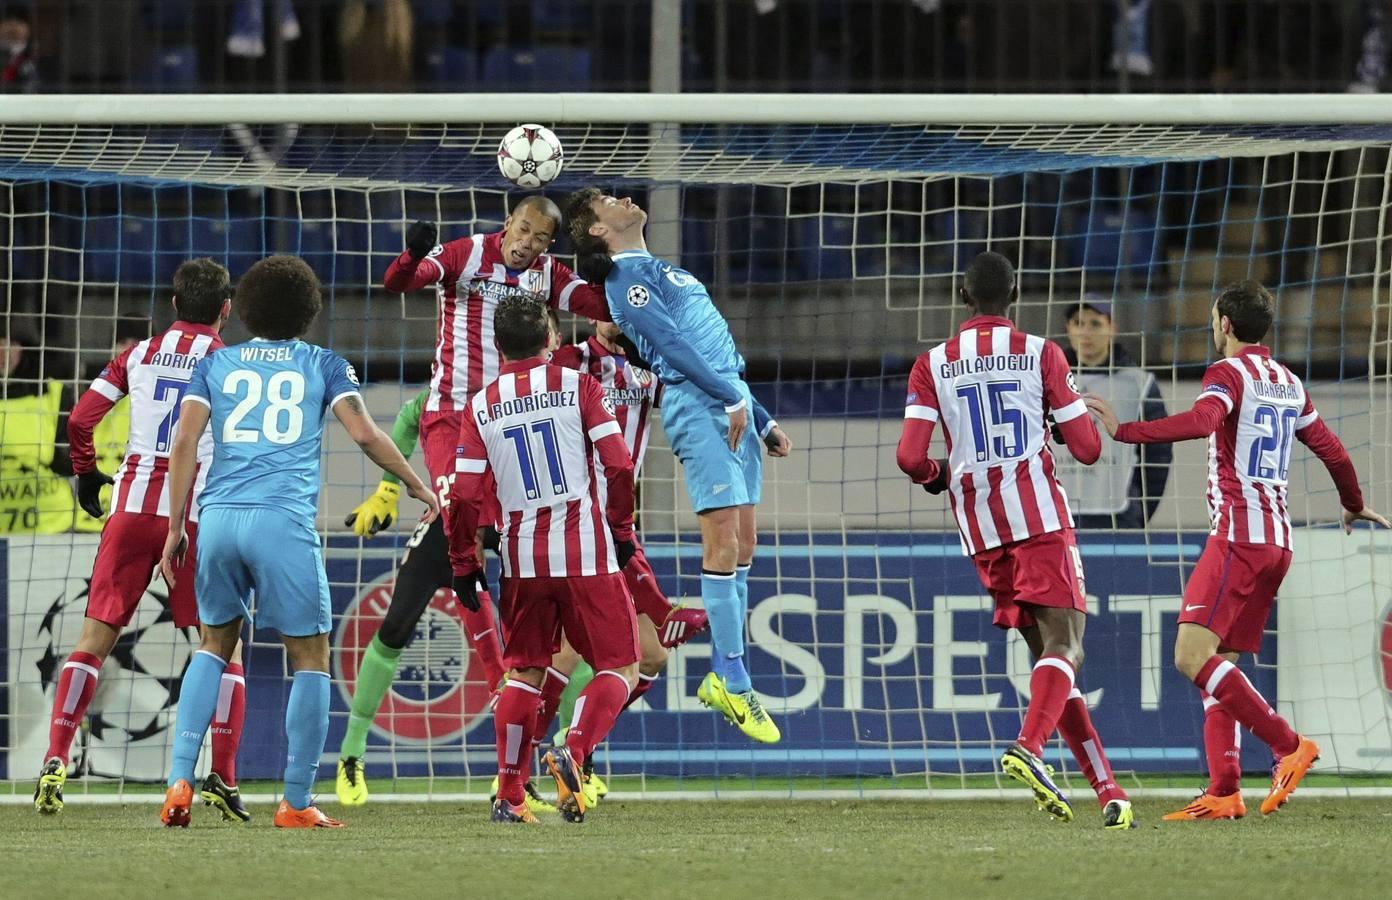 El Atlético se lleva un empate de la fría San Petersburgo